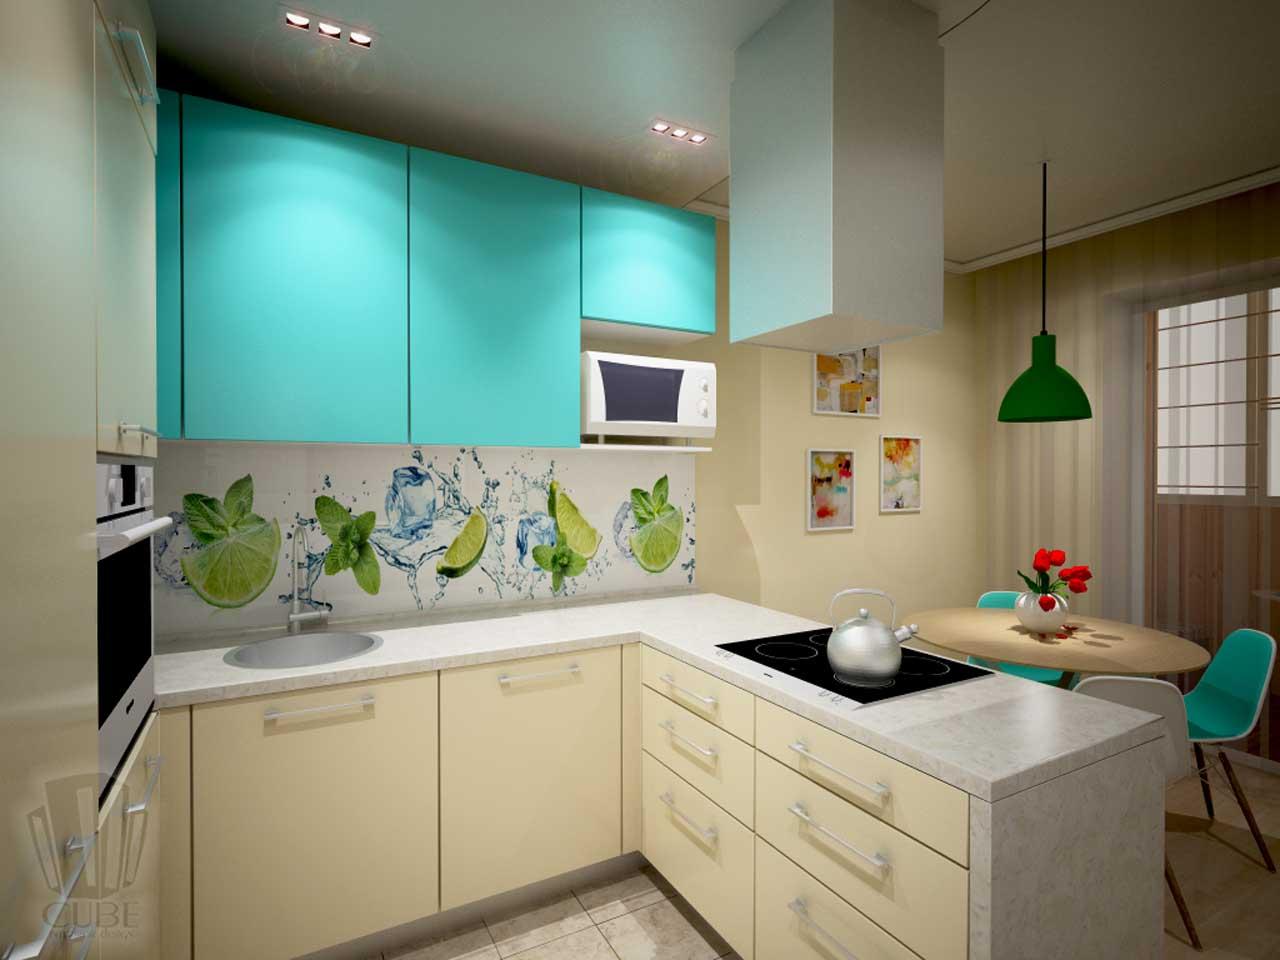 Дизайн-проект интерьера. Тюмень ул. Широтная д.158. Квартира для молодой семьи (19)